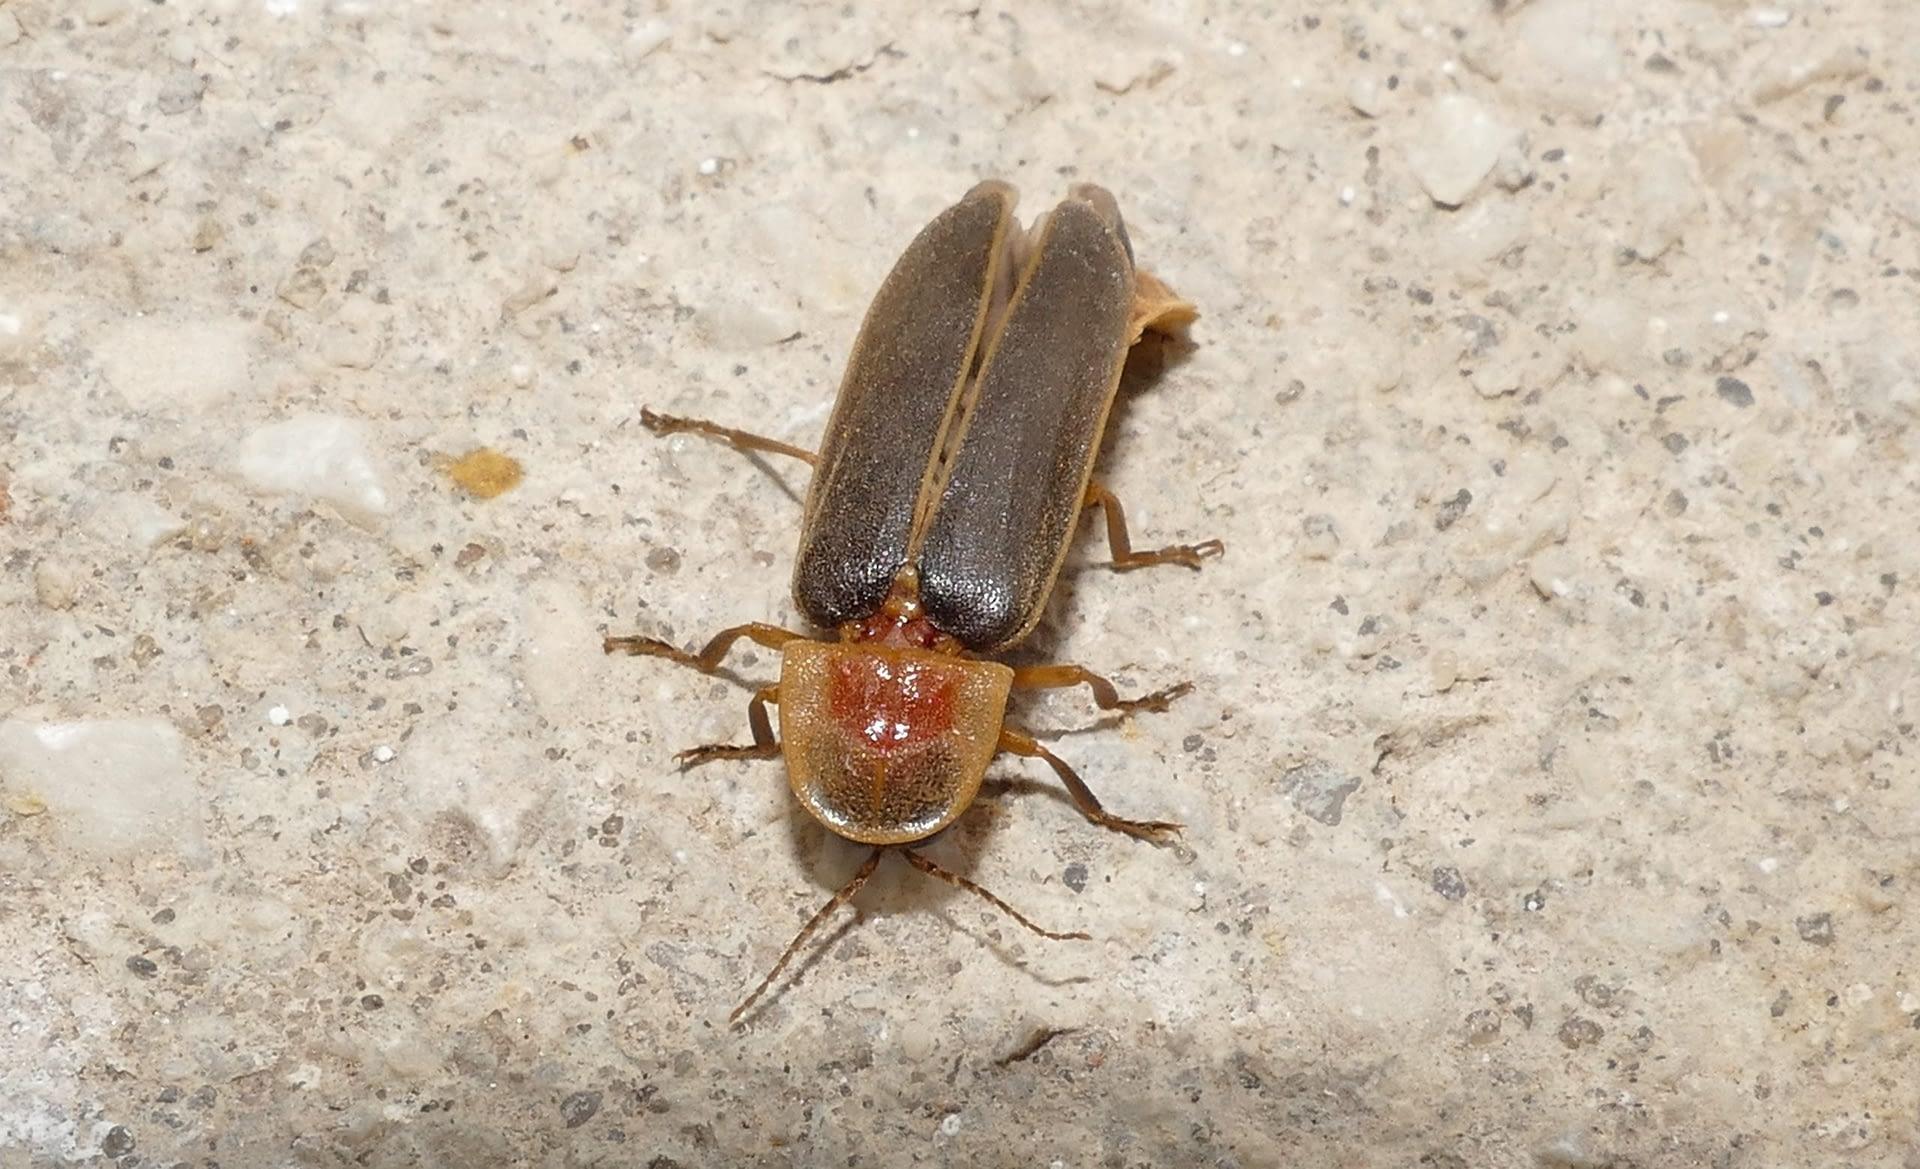 Muestreo de insectos nocturnos